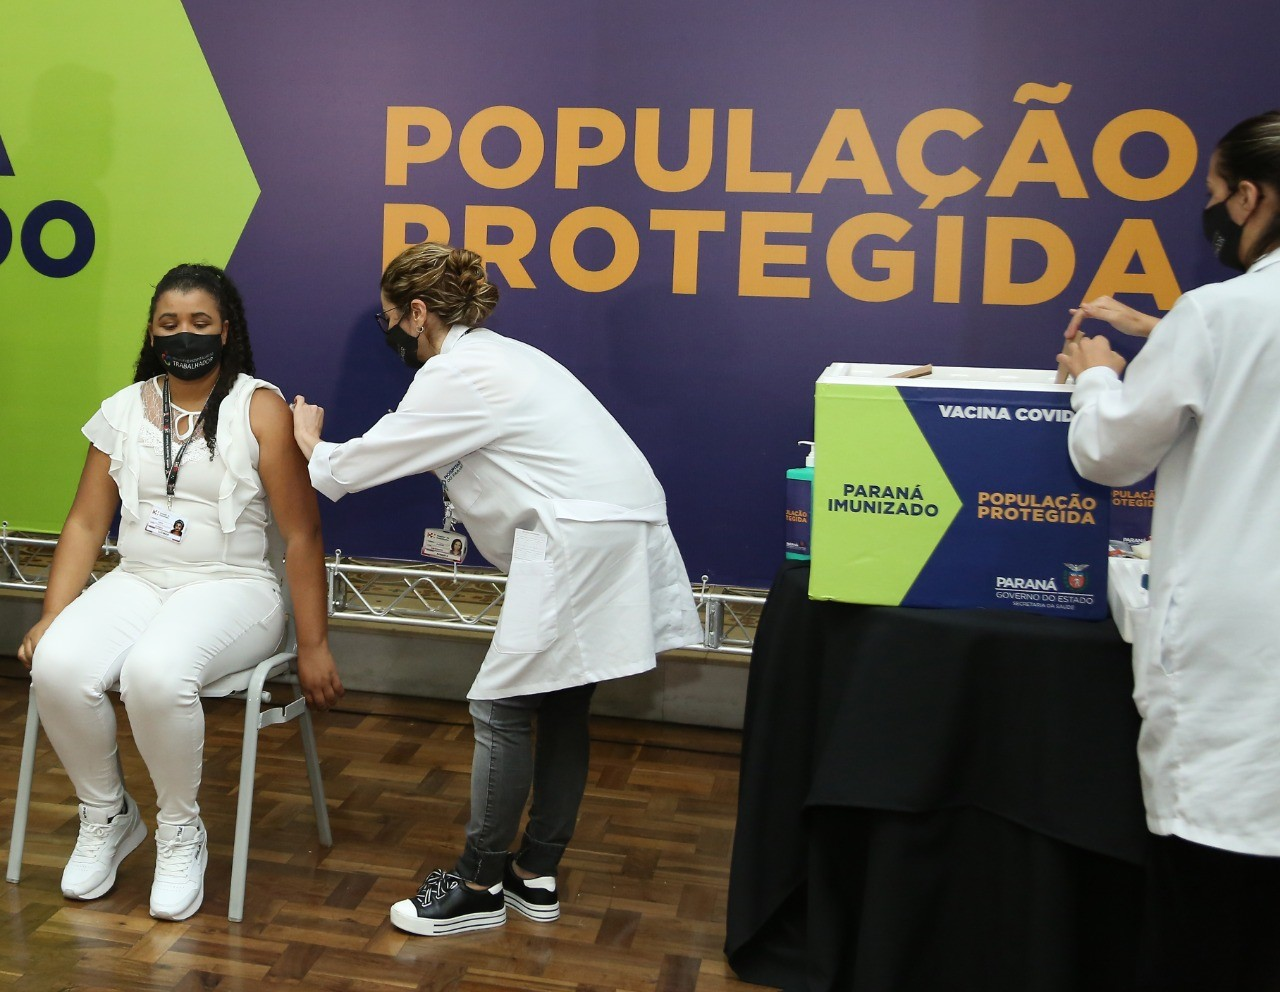 Enfermeira que atua na linha de frente é a primeira pessoa vacinada contra a Covid-19 no Paraná: 'Agradecida por estar aqui'